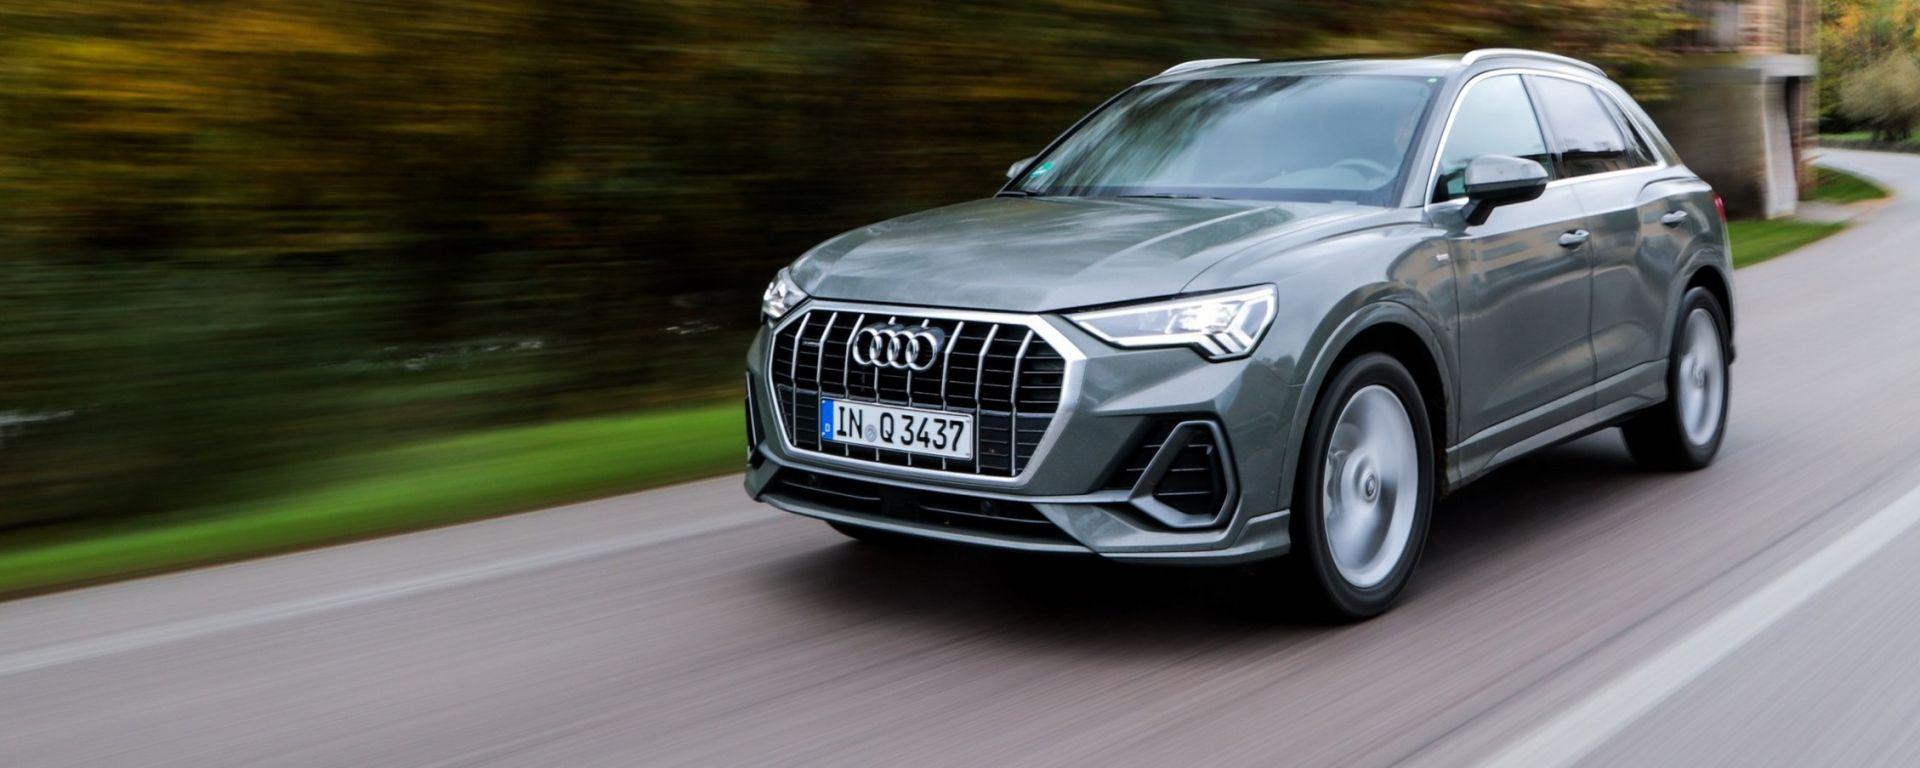 Audi Q3 2018: la prova su strada del SUV palestrato [VIDEO]